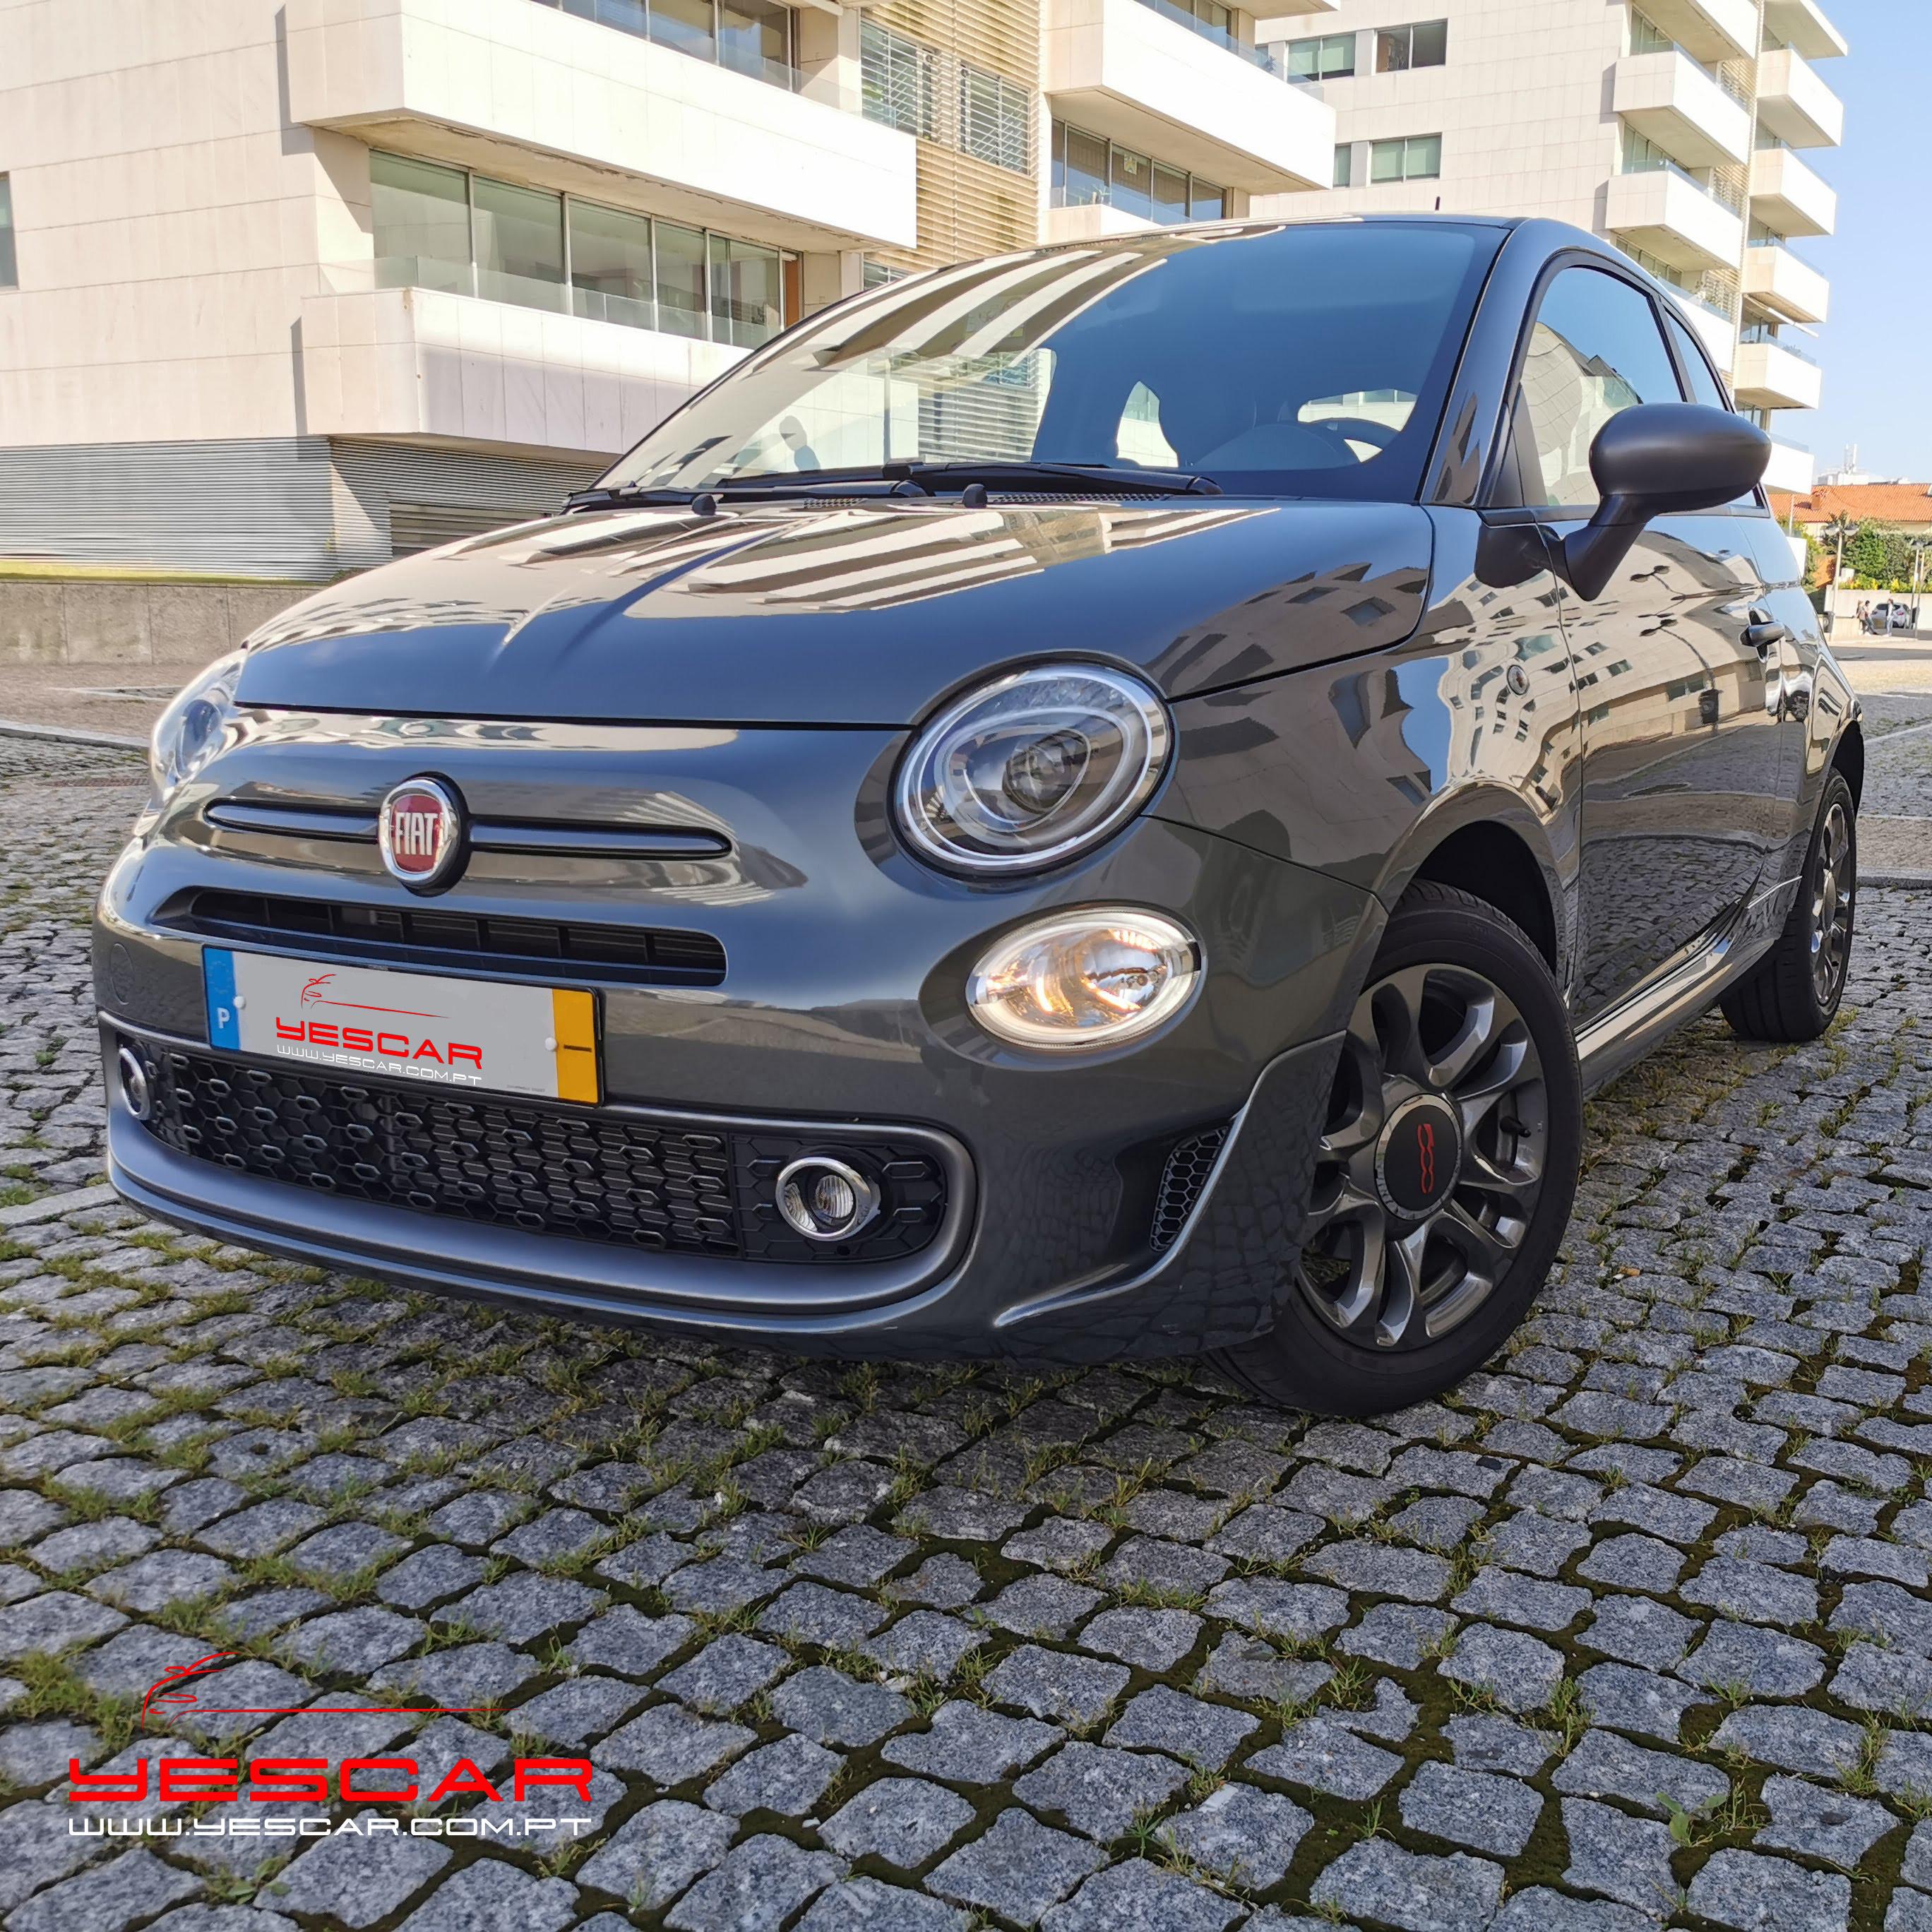 YESCAR_Fiat 500 CC (16)